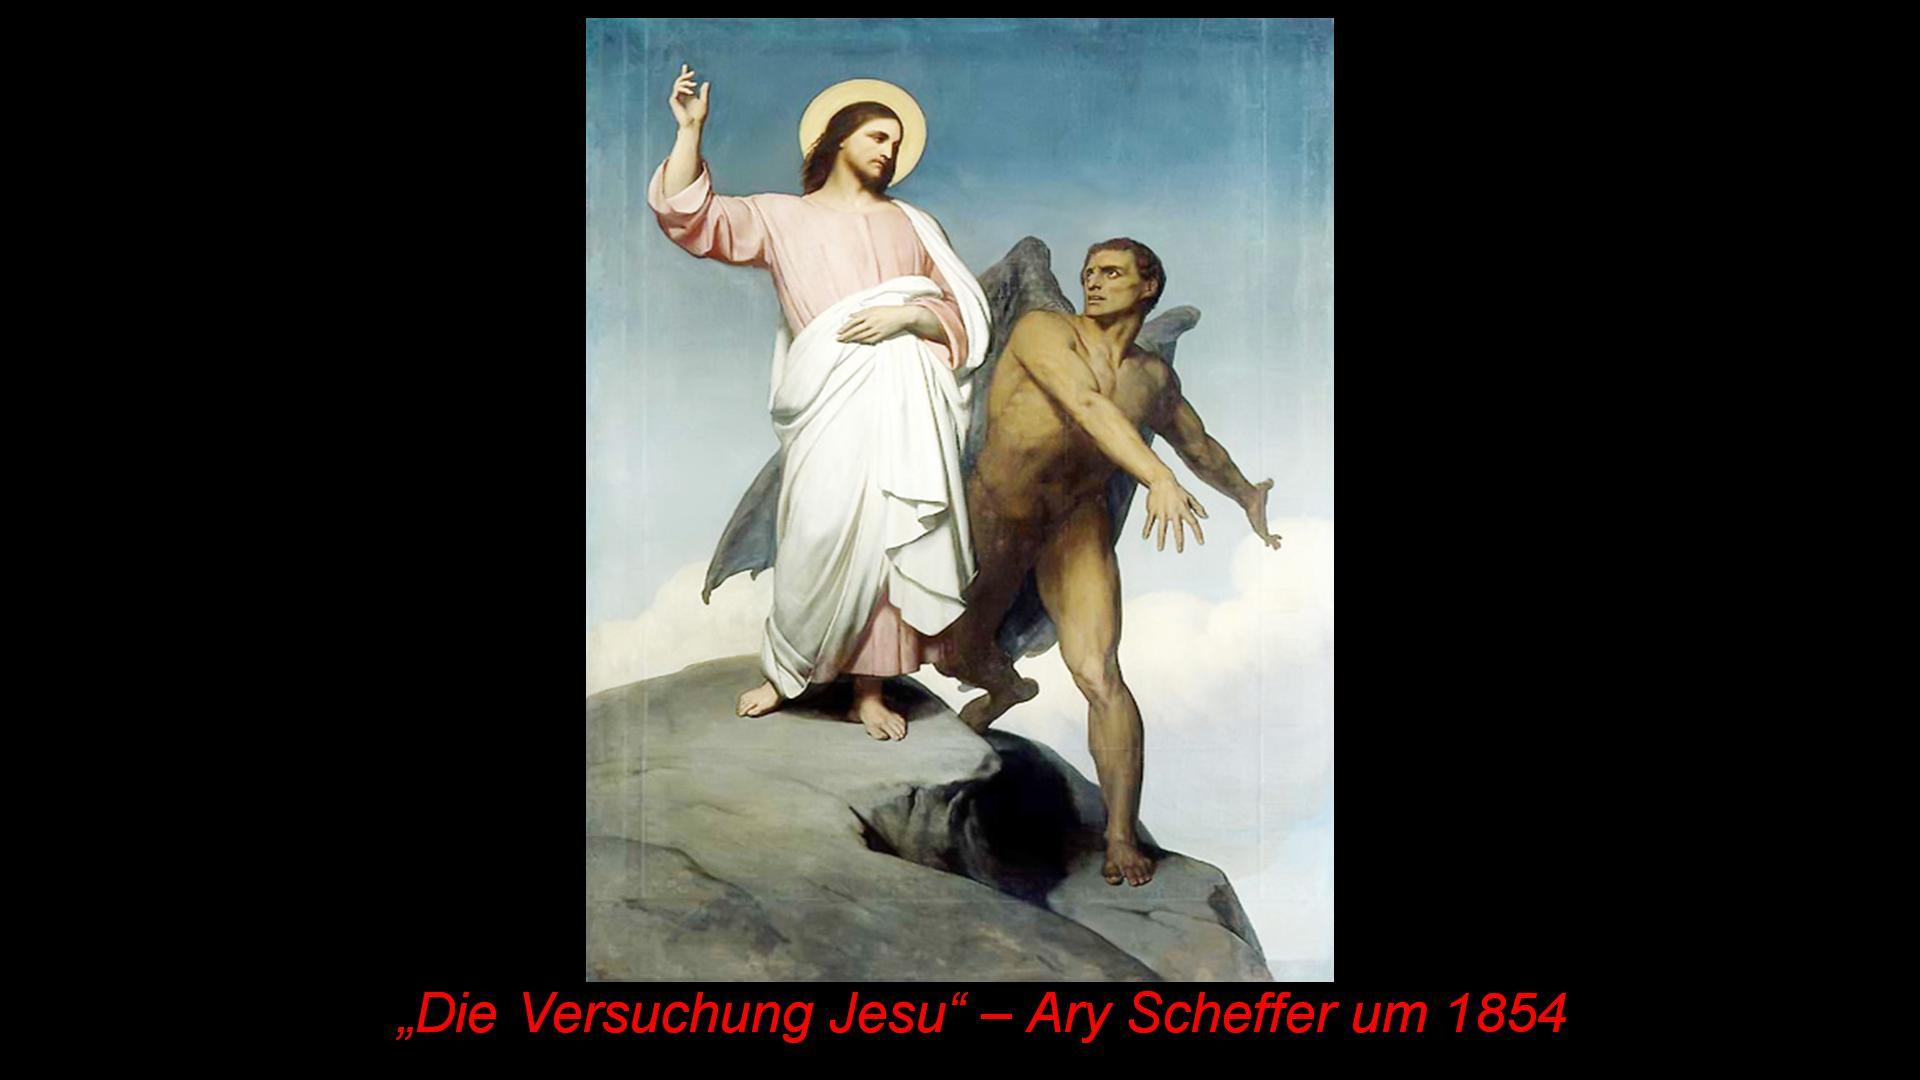 Die Versuchung Jesu nach Ary Scheffer um 1854